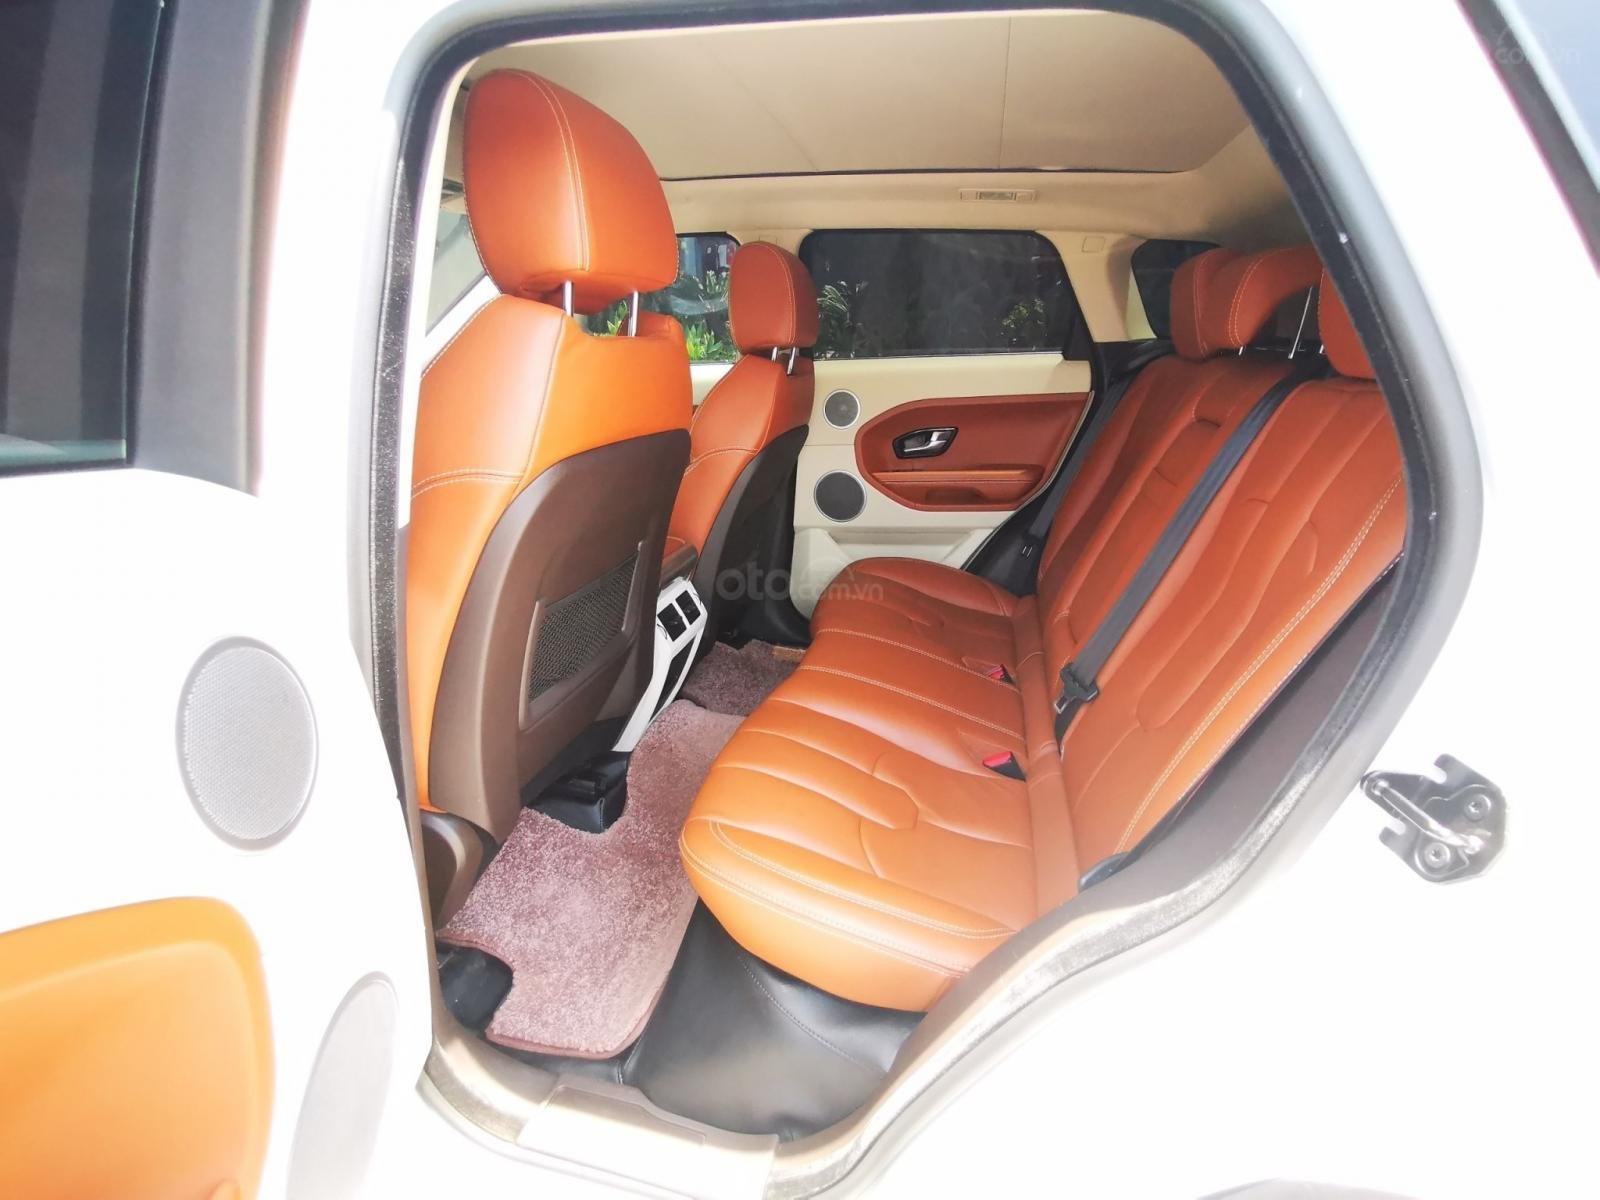 Bán xe LandRover Evoque đời 2013, màu trắng, một chủ đi từ đầu (6)